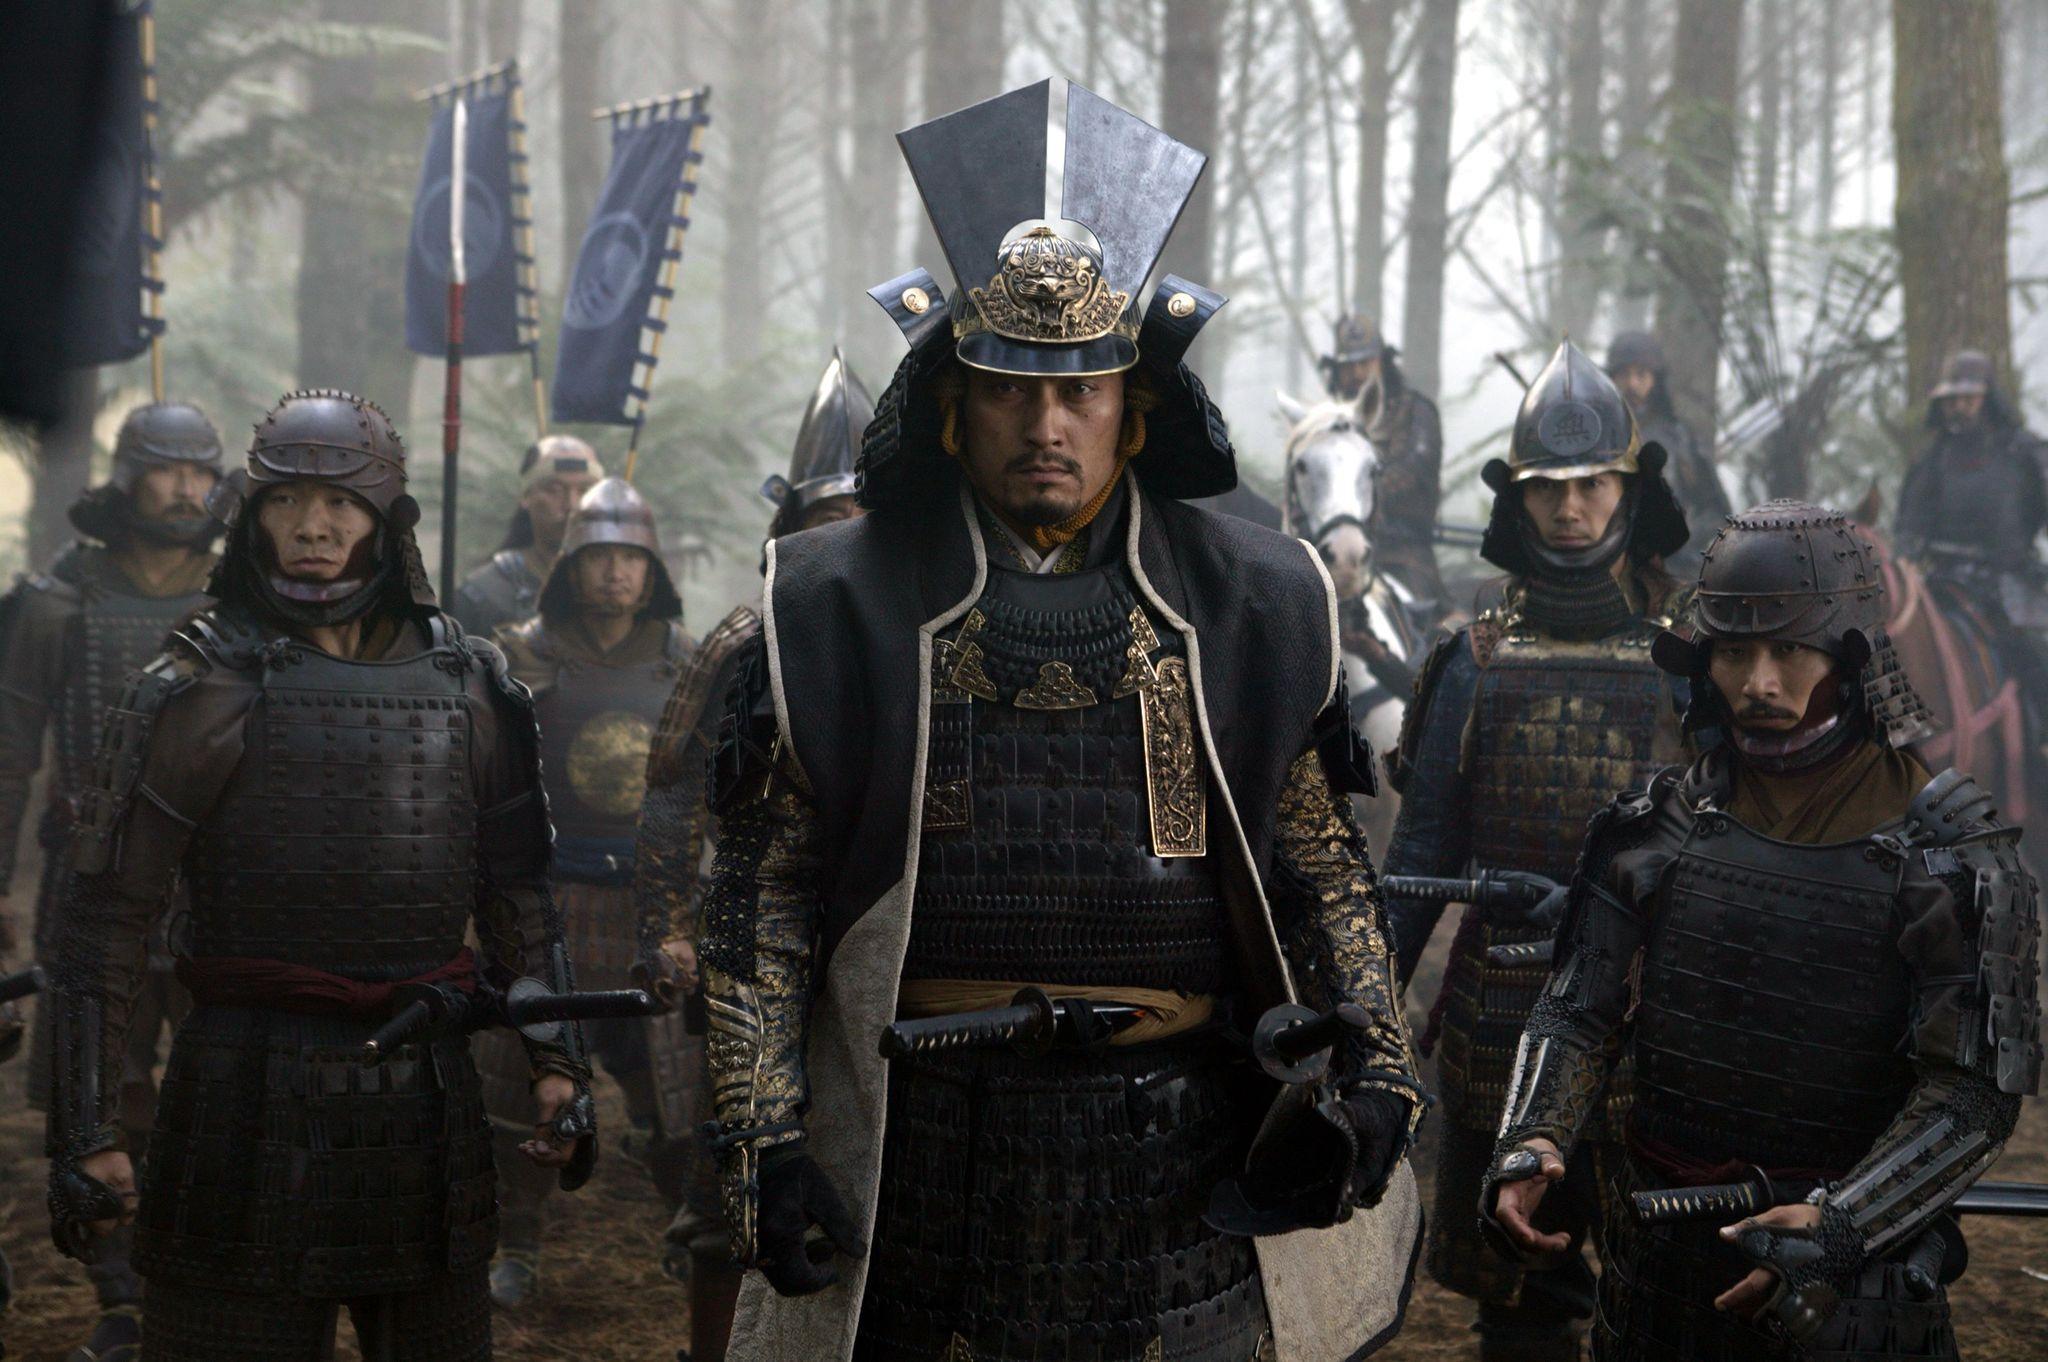 the last samurai movie wallpaper pictures 49748